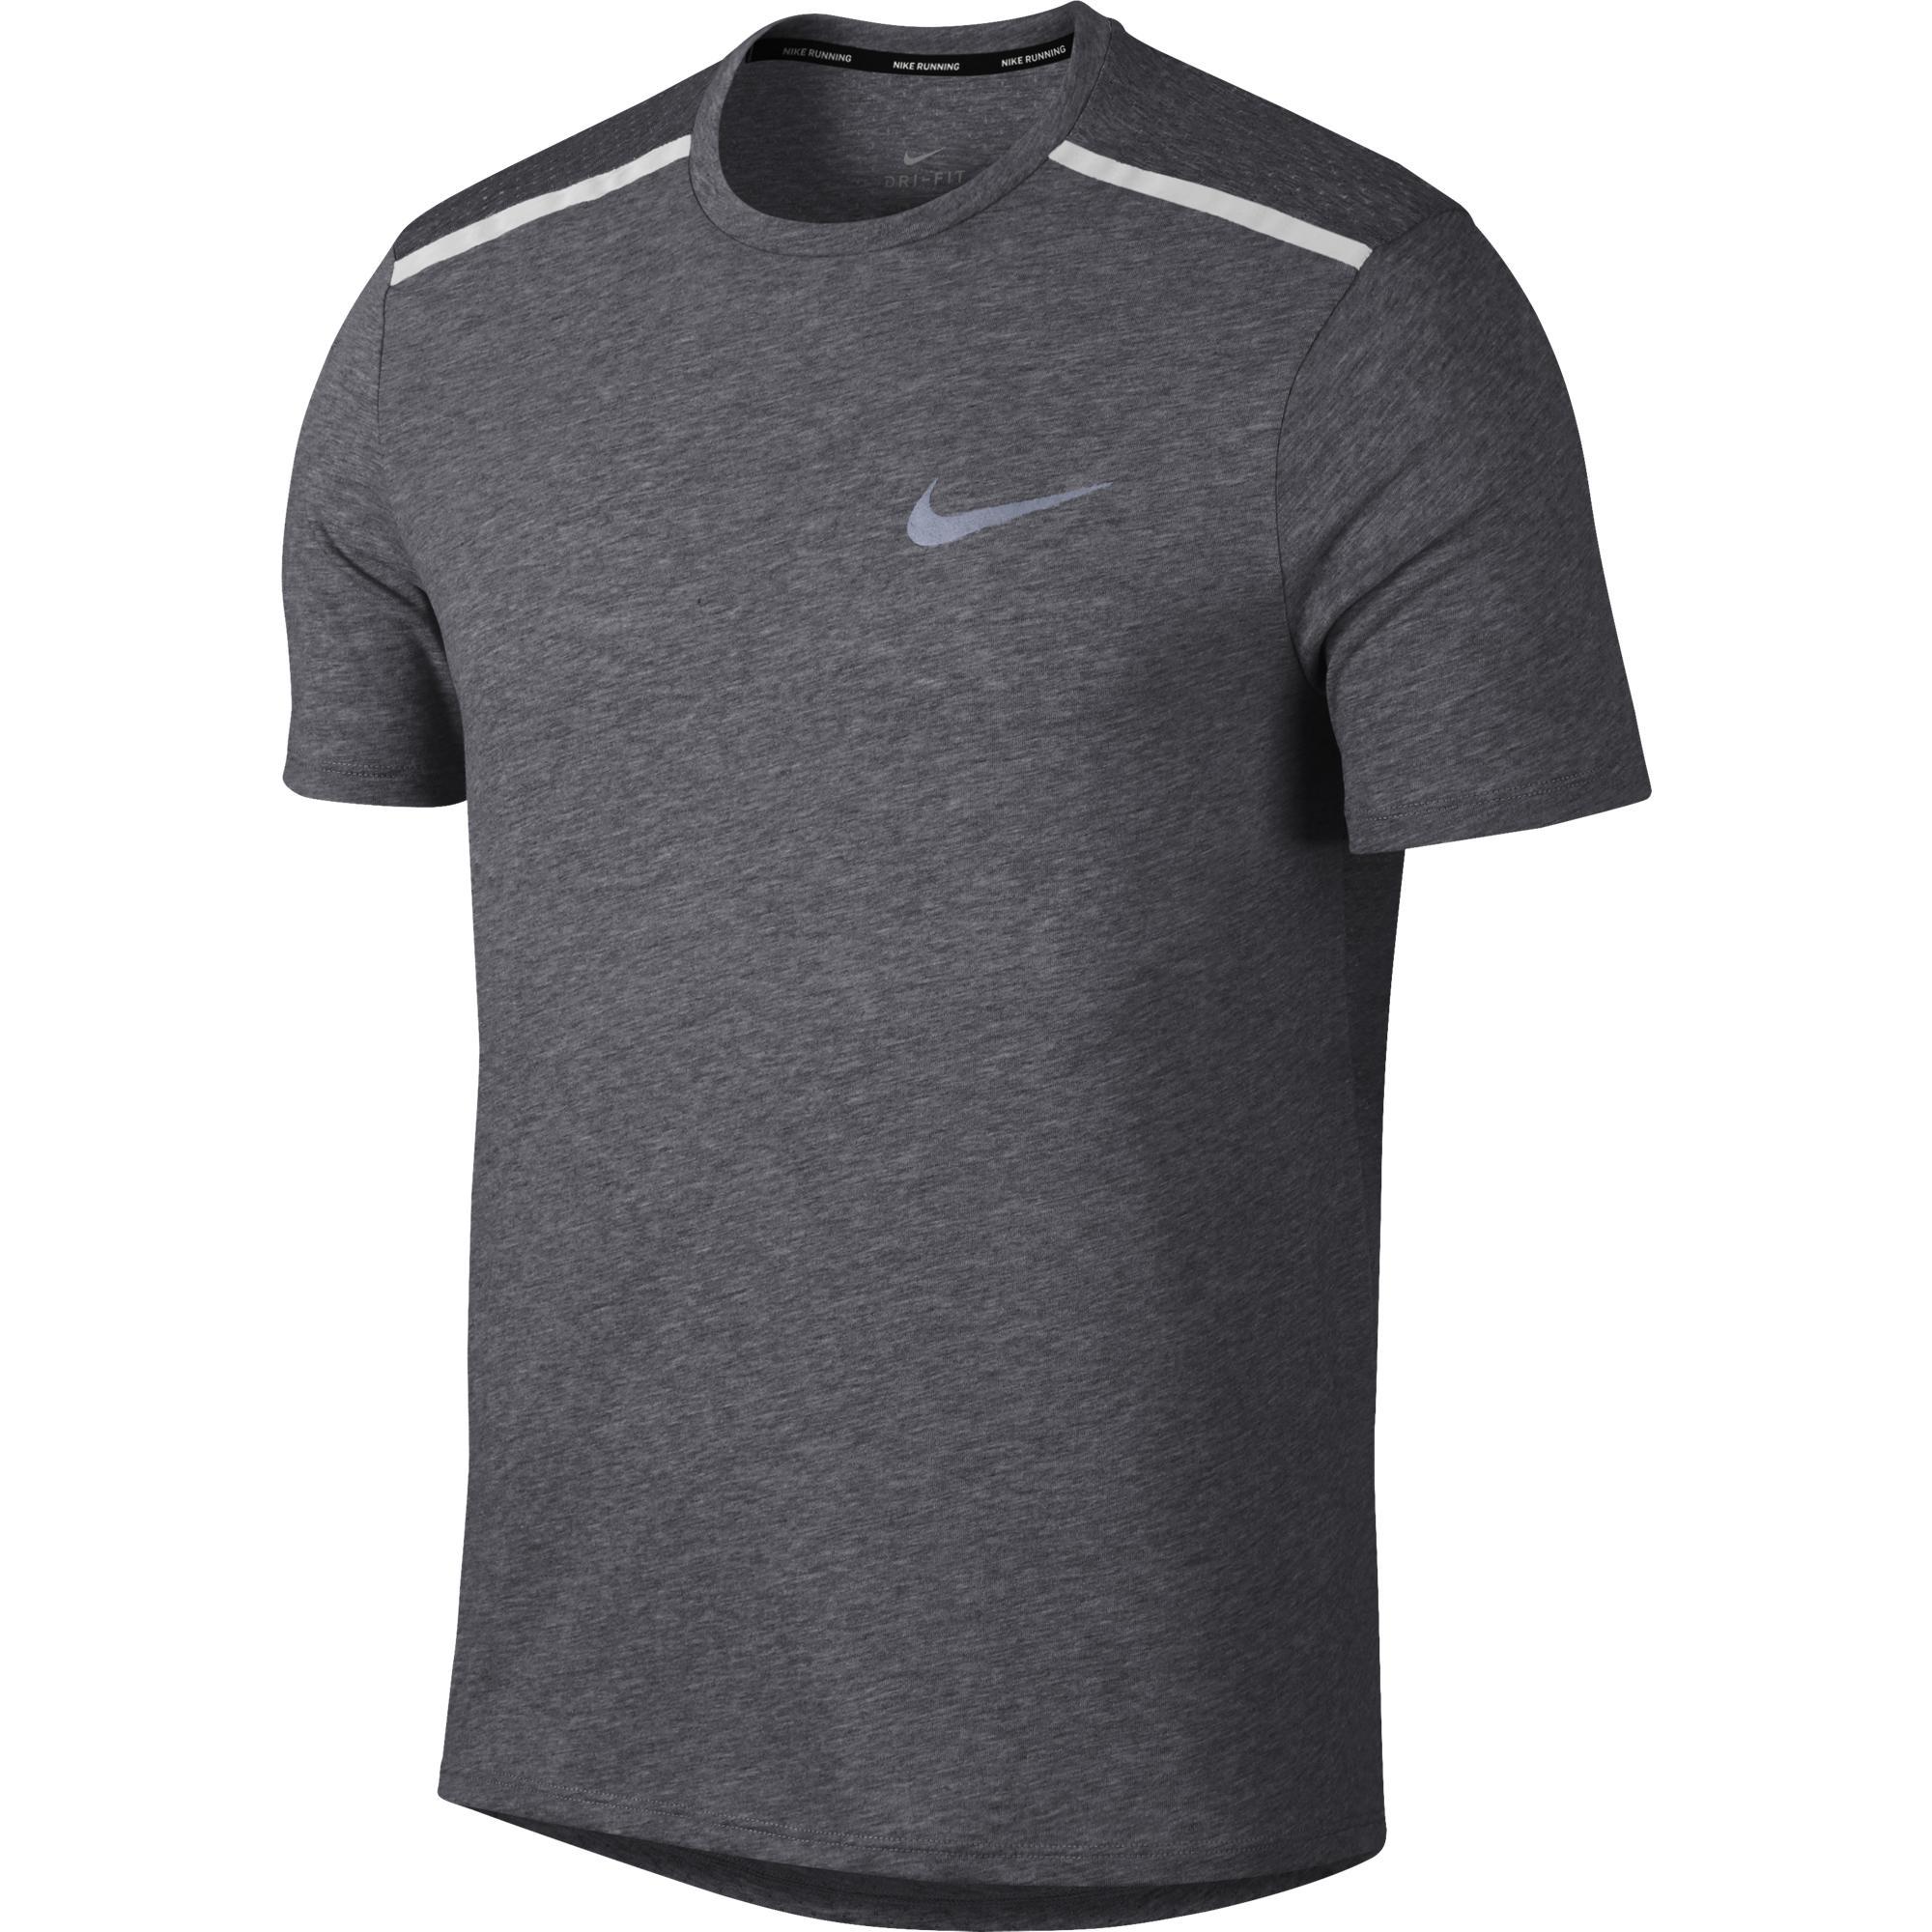 Nike T-shirt Dri-fit Rise 365